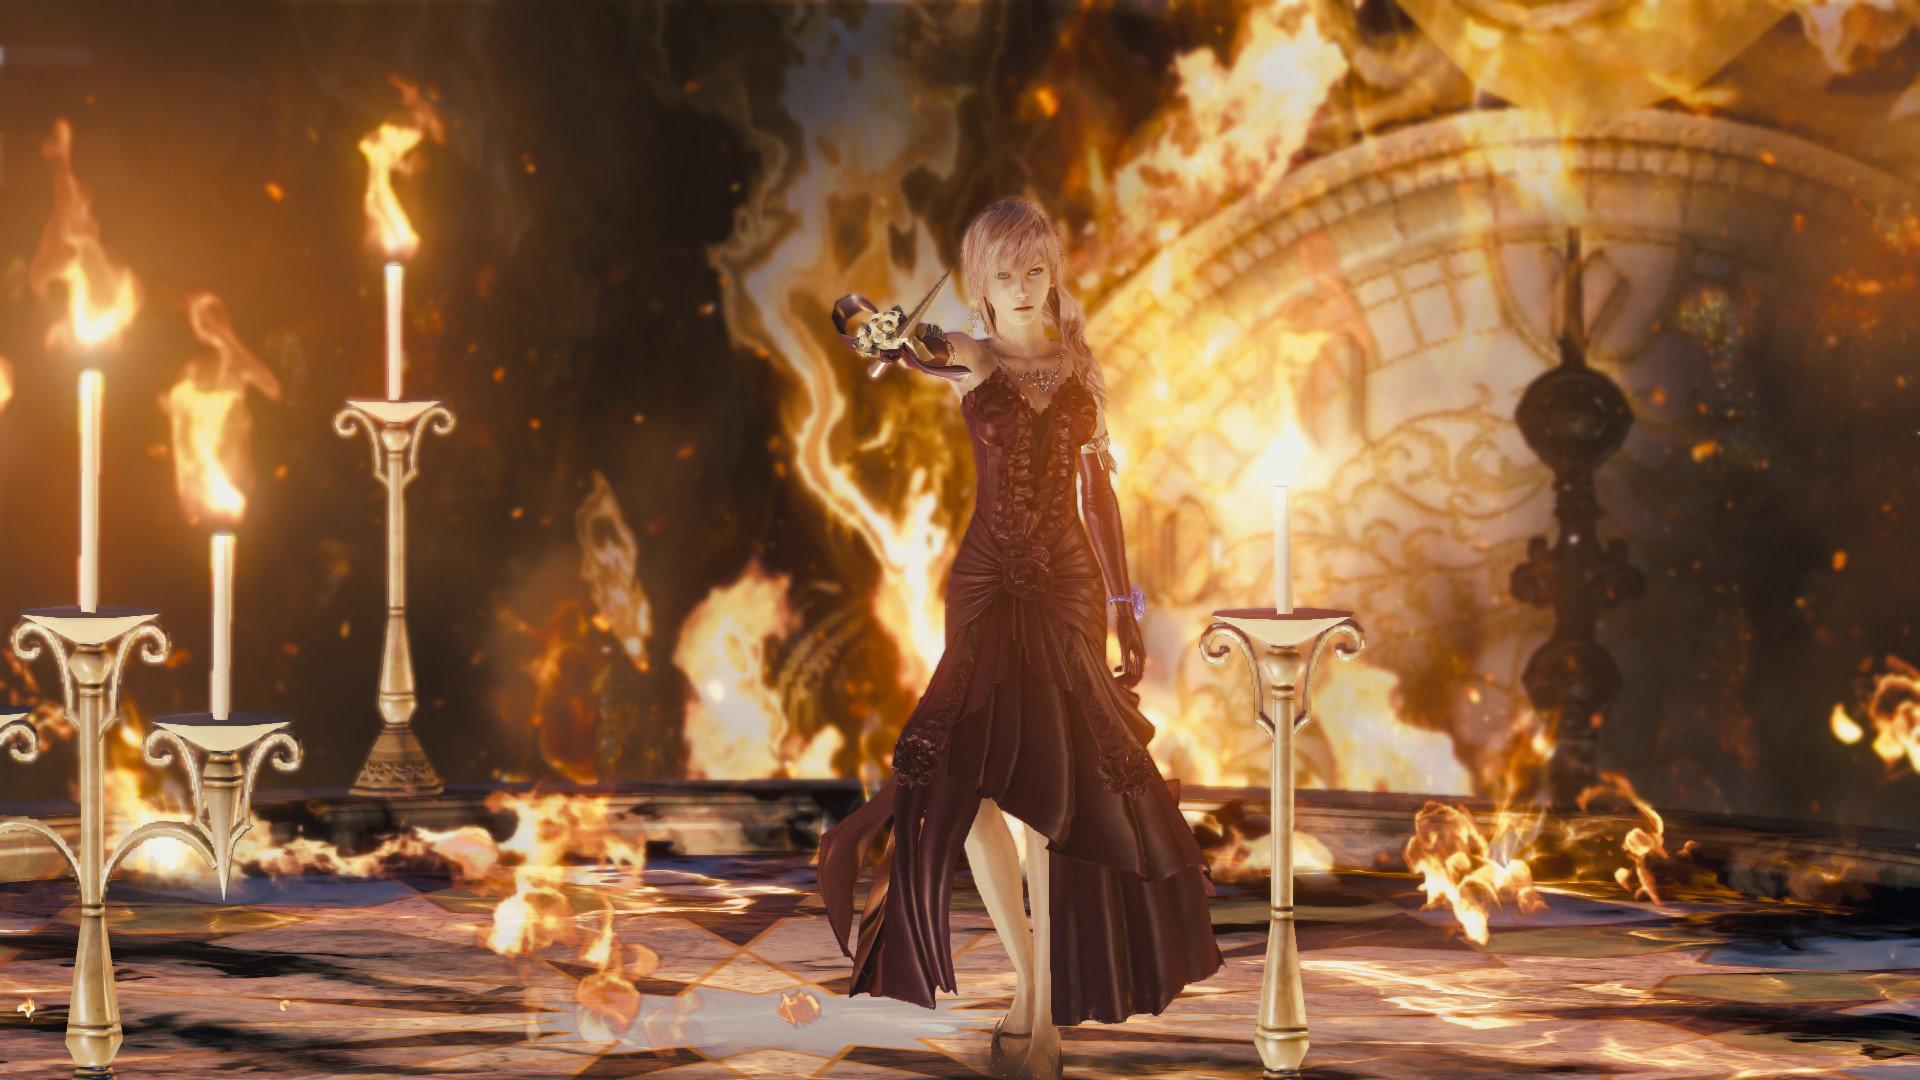 PC-Remake von Final Fantasy XIII mit Lightning Returns abgeschlossen